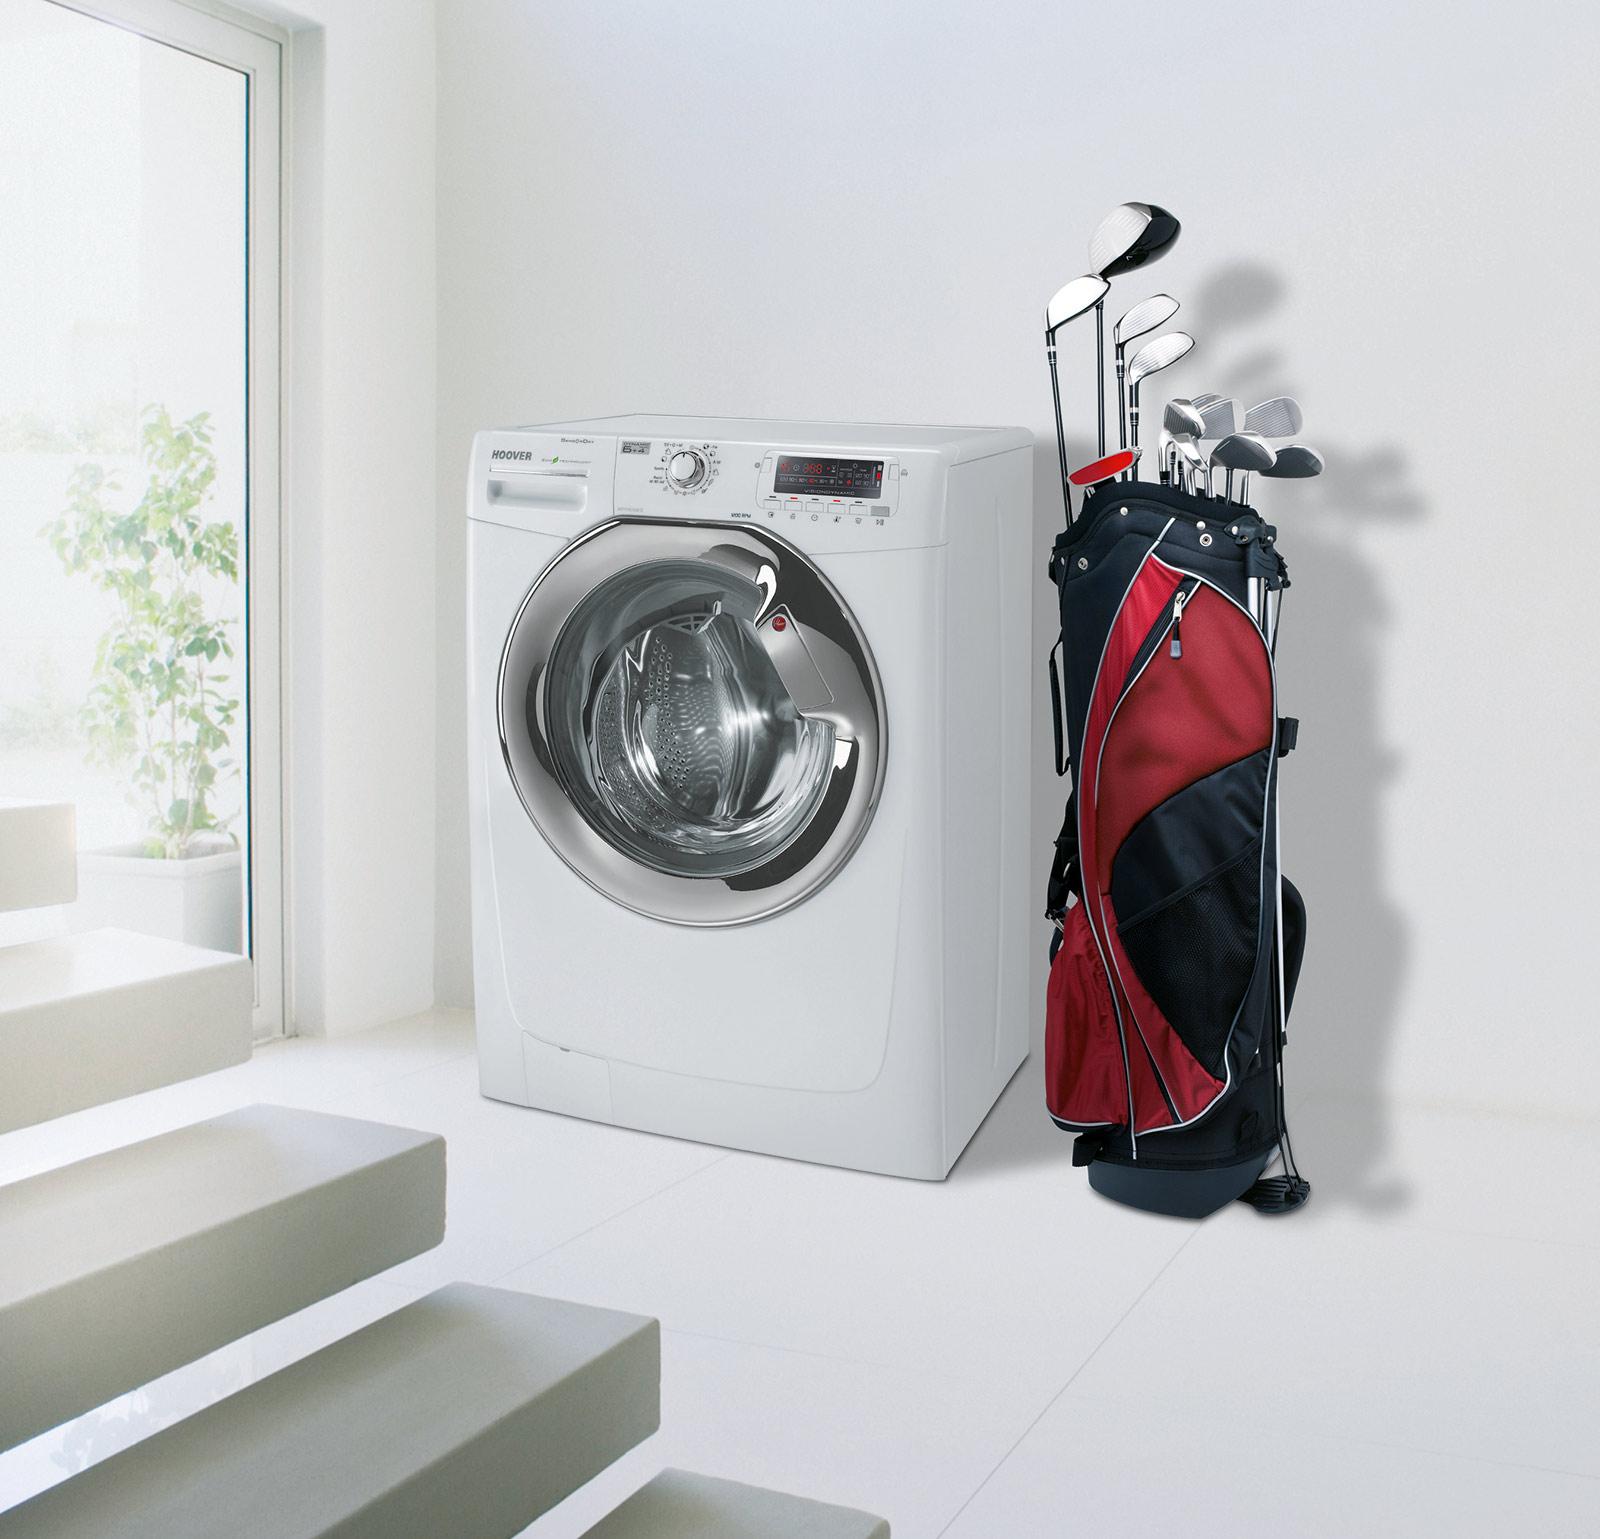 Lavatrici Hoover qualità e convenienza